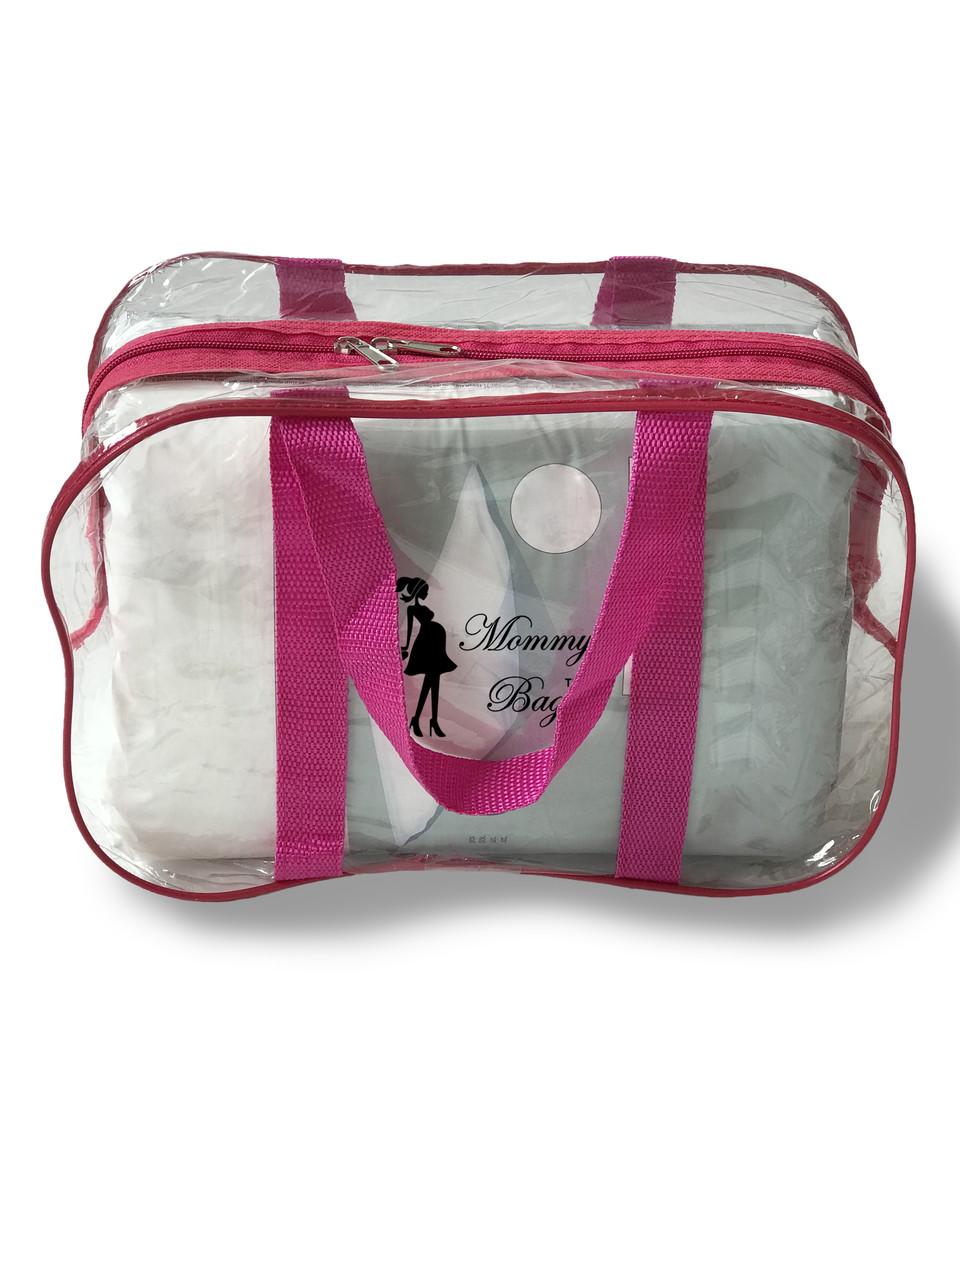 Сумка прозрачная в роддом Mommy Bag - S - 31*21*14 см Розовая